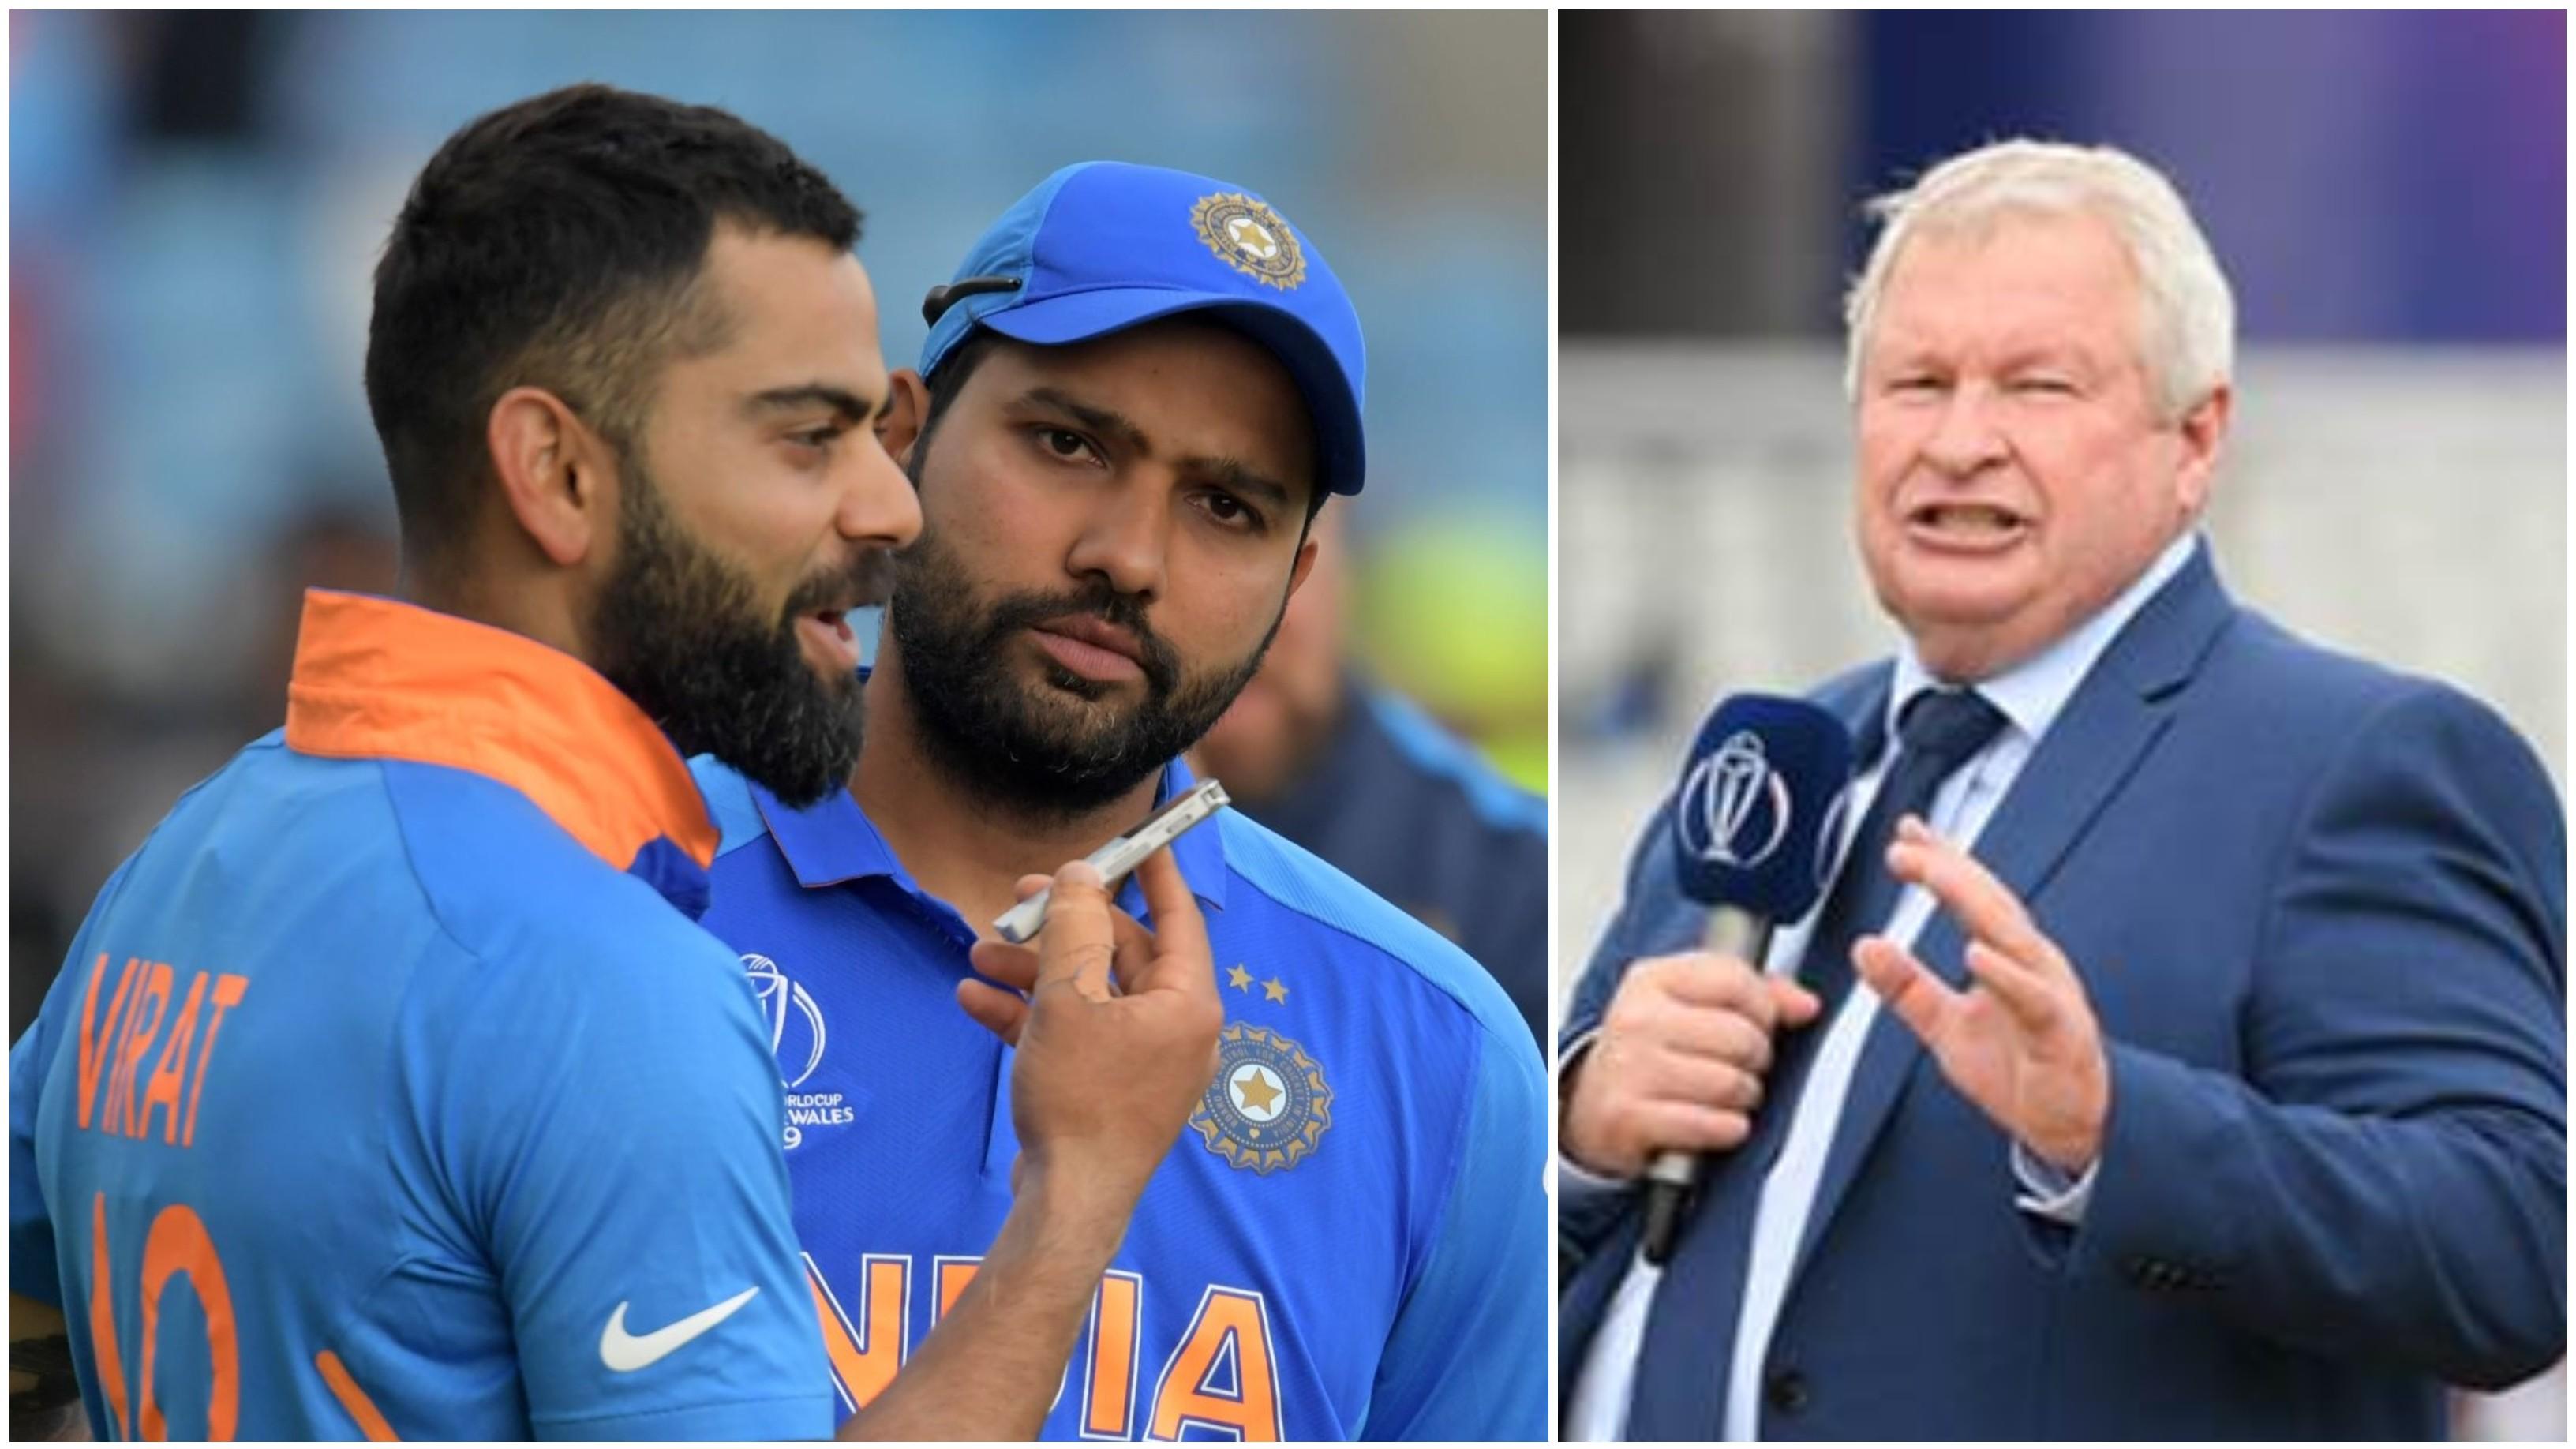 विराट कोहली और रोहित शर्मा को इयान स्मिथ ने बताया इस युग के सबसे बेहतरीन बल्लेबाज